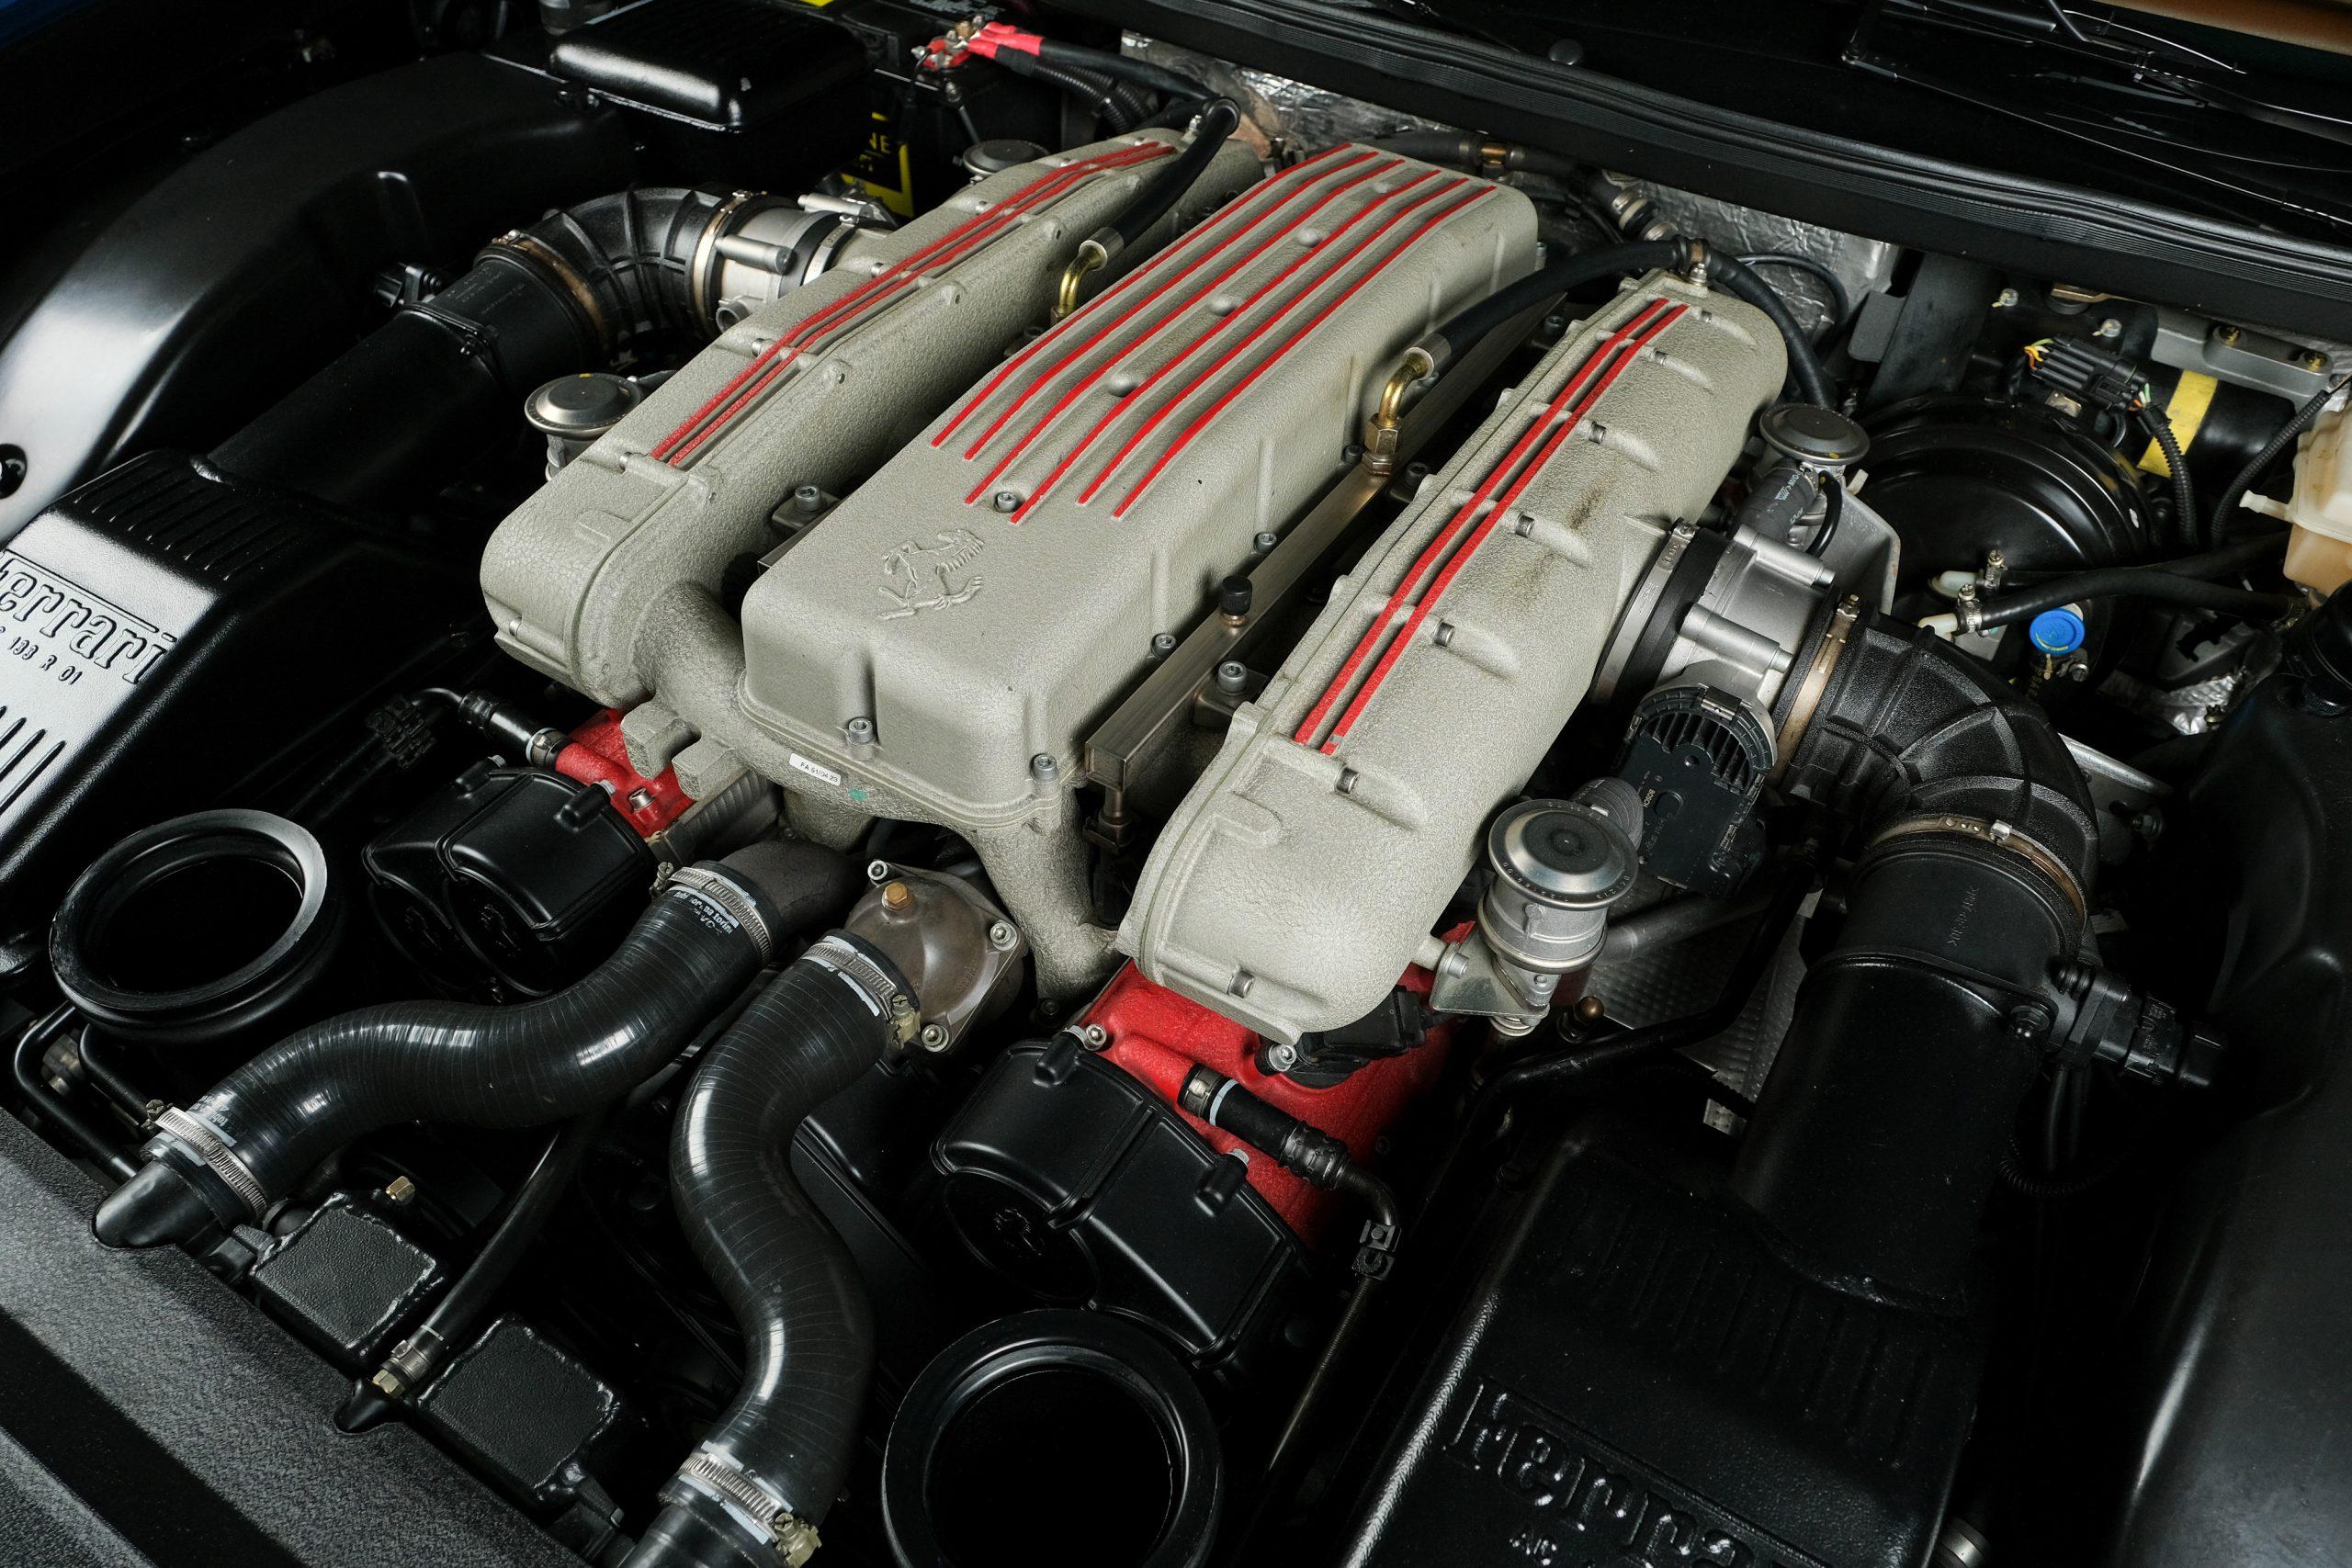 2005 Ferrari 575 GTZ Zagato engine